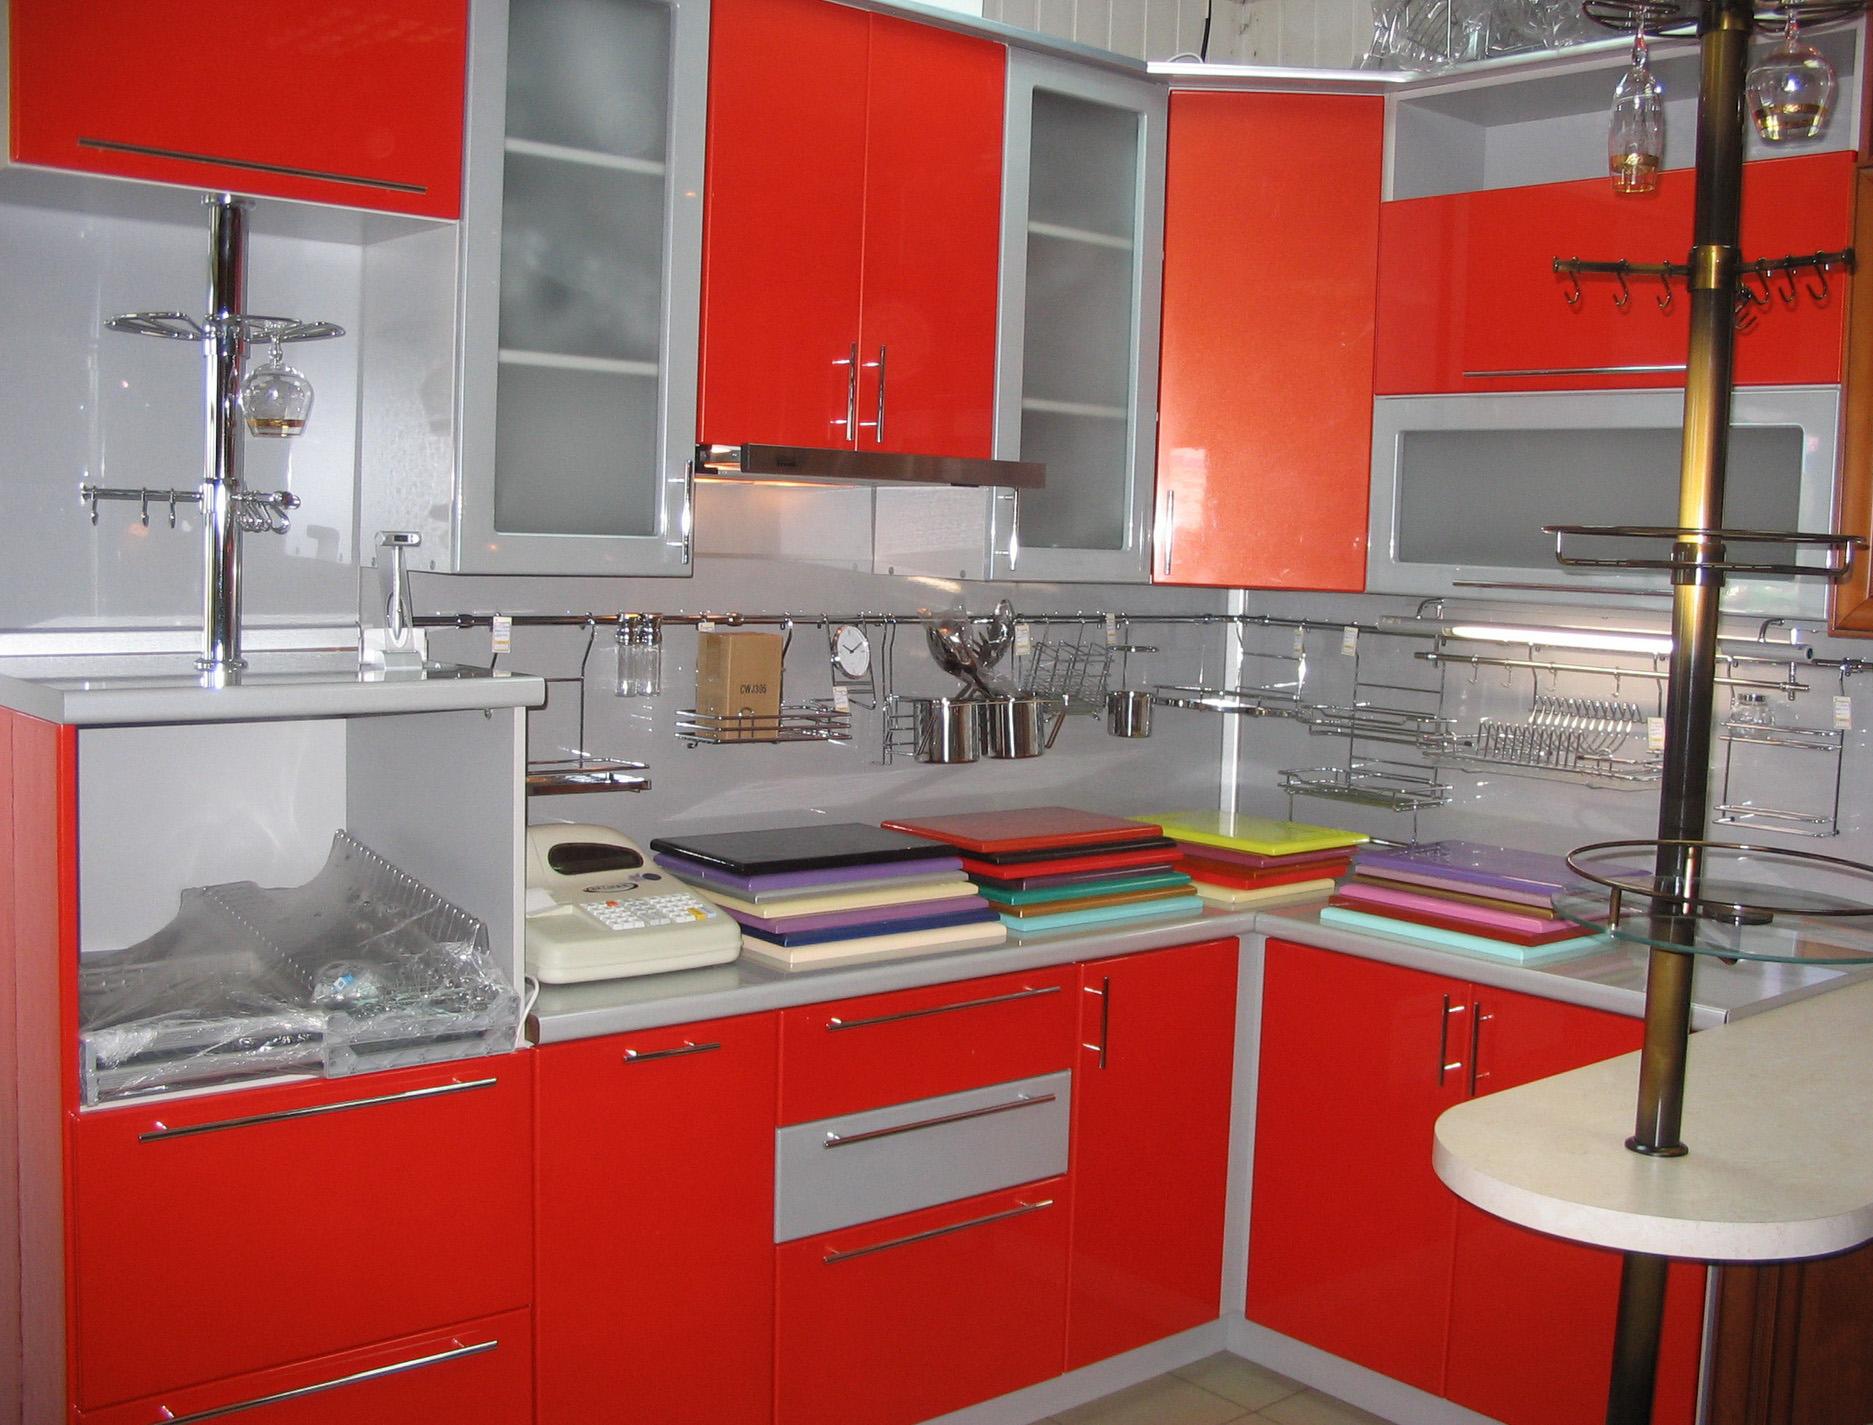 تشكيلة جديده لكم من كتالوج تصاميم مطابخ ٢٠١٥ الحديثة باللون الأحمر ...